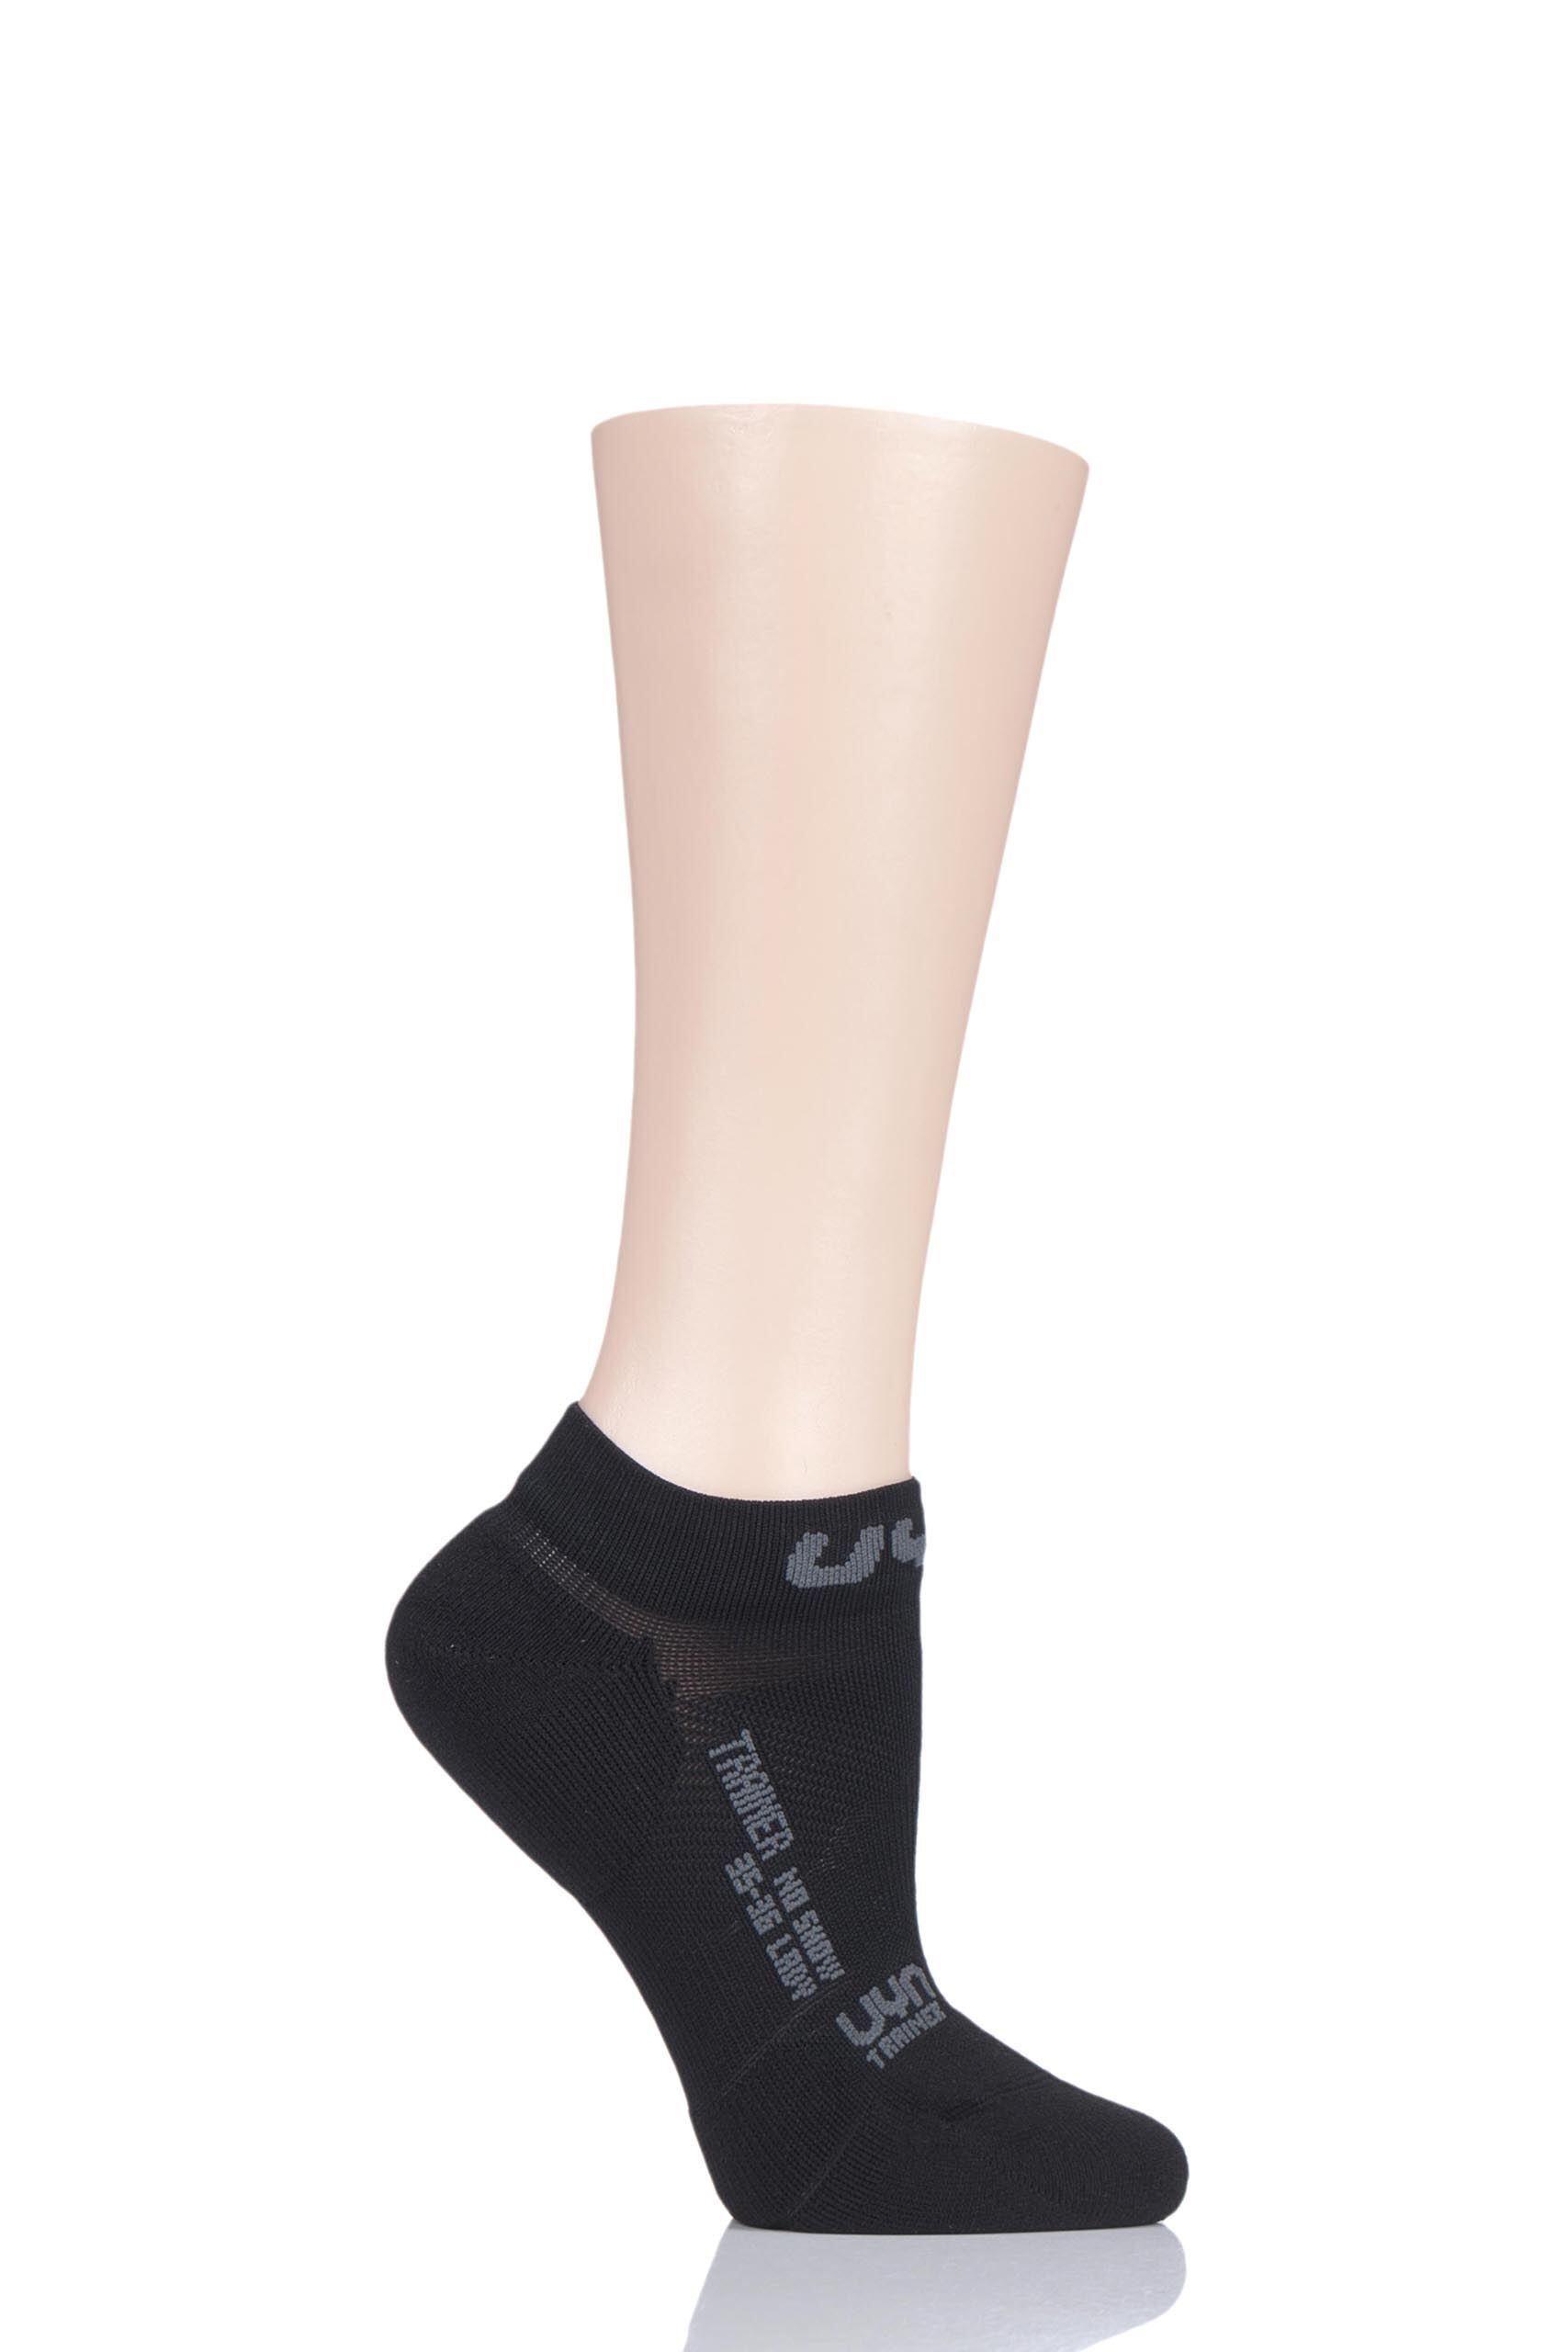 Image of 1 Pair Black No Show Trainer Socks Ladies 4-5 Ladies - UYN